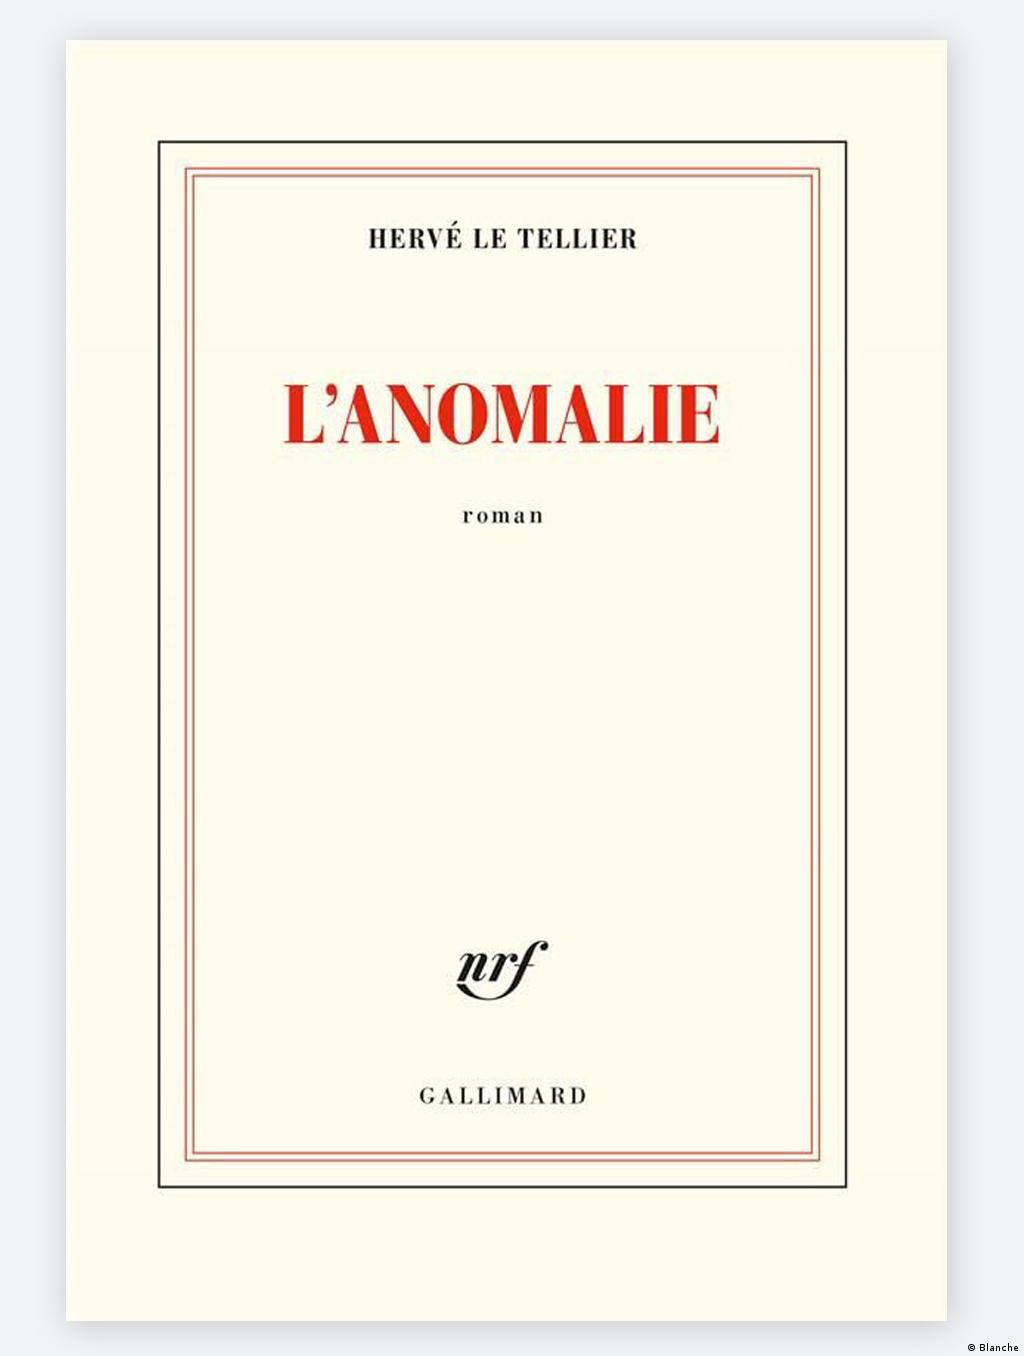 Buchcover L'anomalie von Hervé Le Tellier, schlicht, weiß, mit roter Schrift